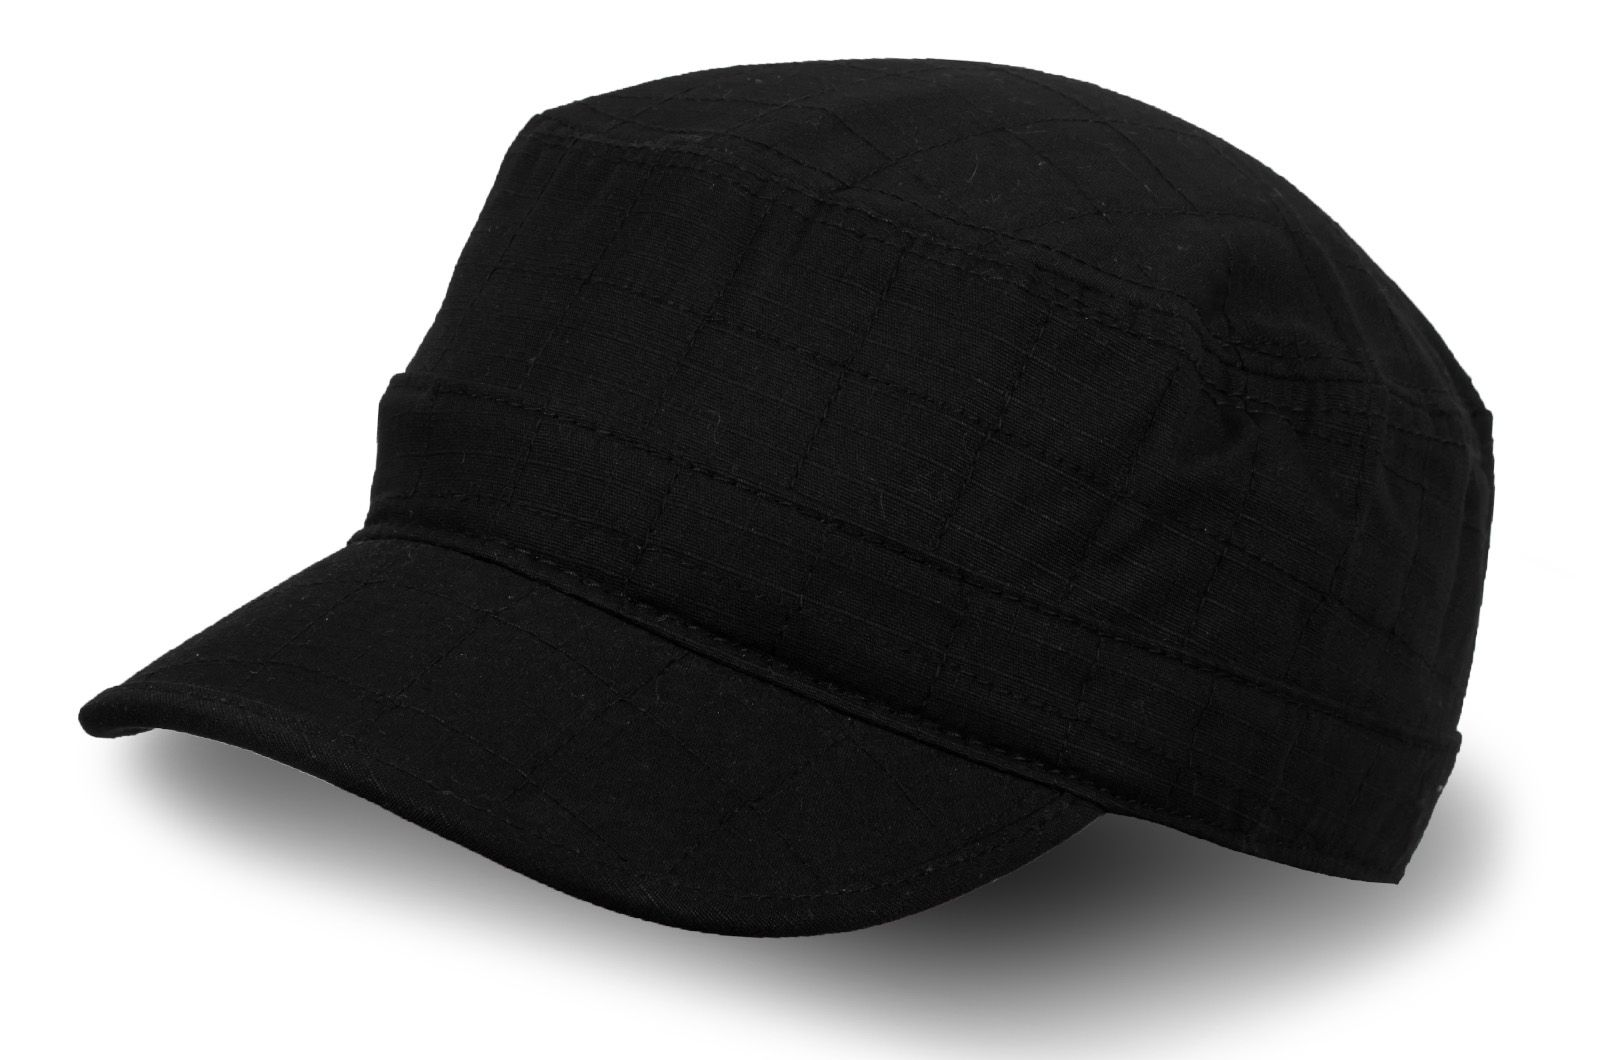 Кепка-немка черного цвета - купить в интернет-магазине